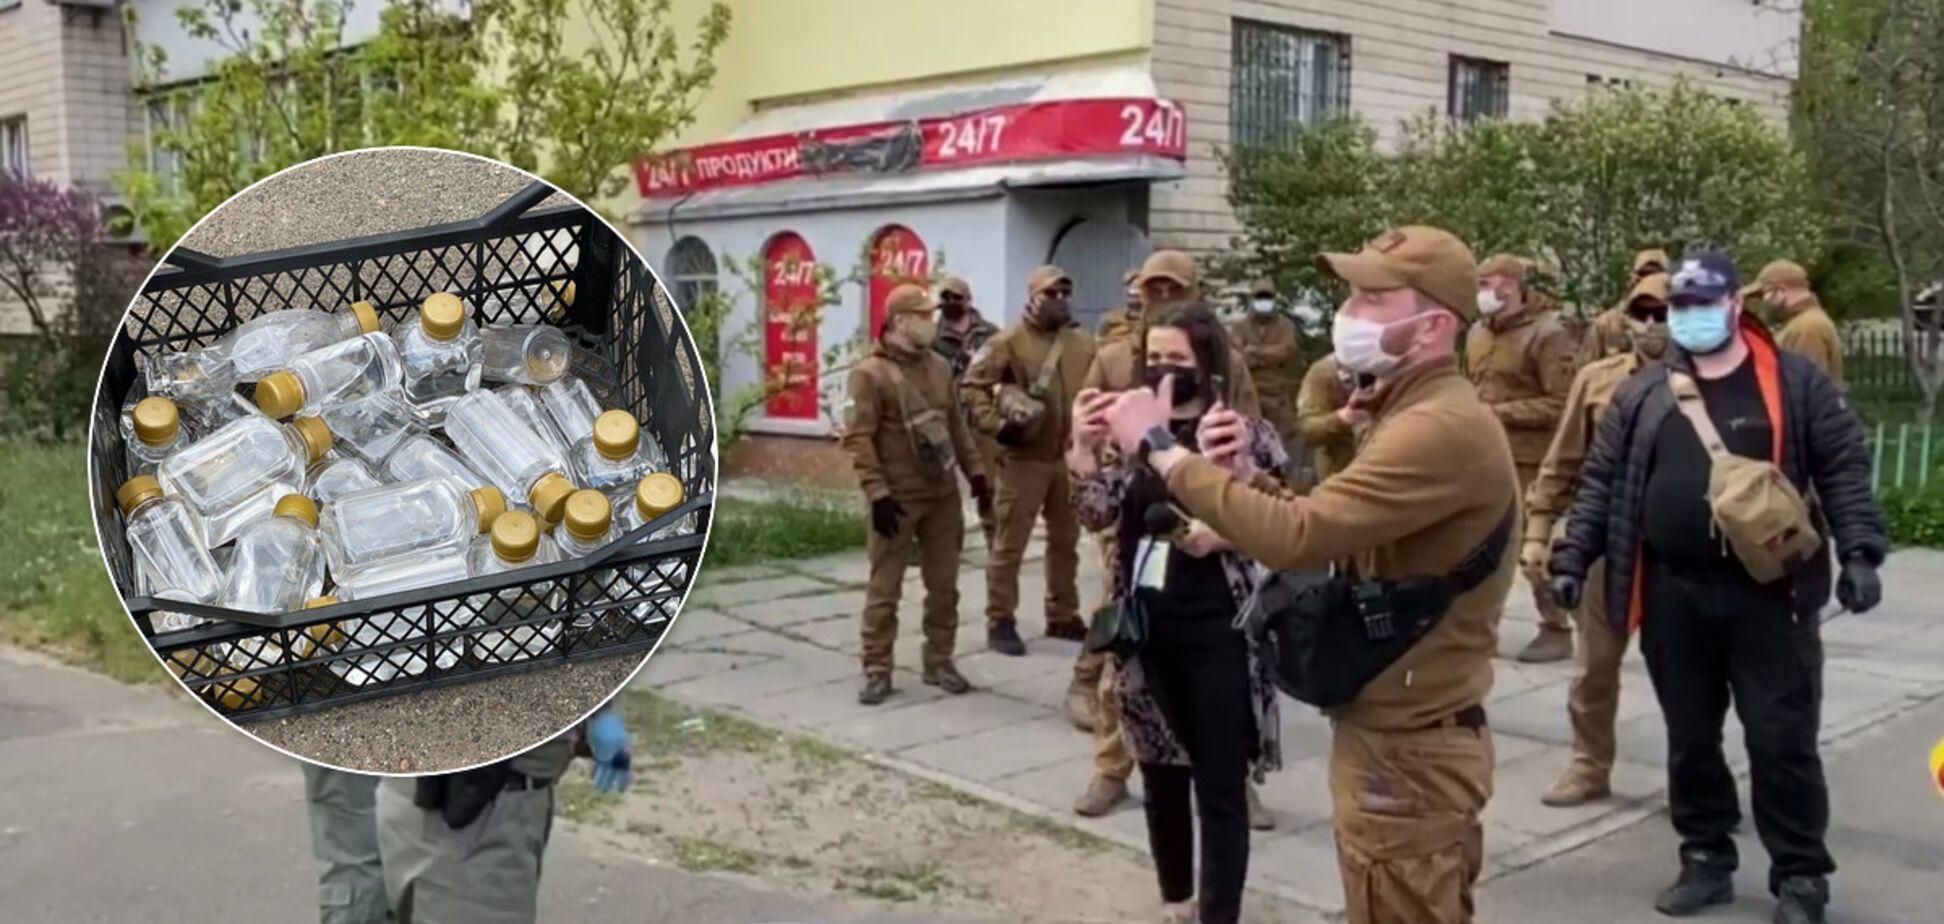 В Киеве жители восстали против 'наливайки' под домом: фото и видео закрытия 'точки'